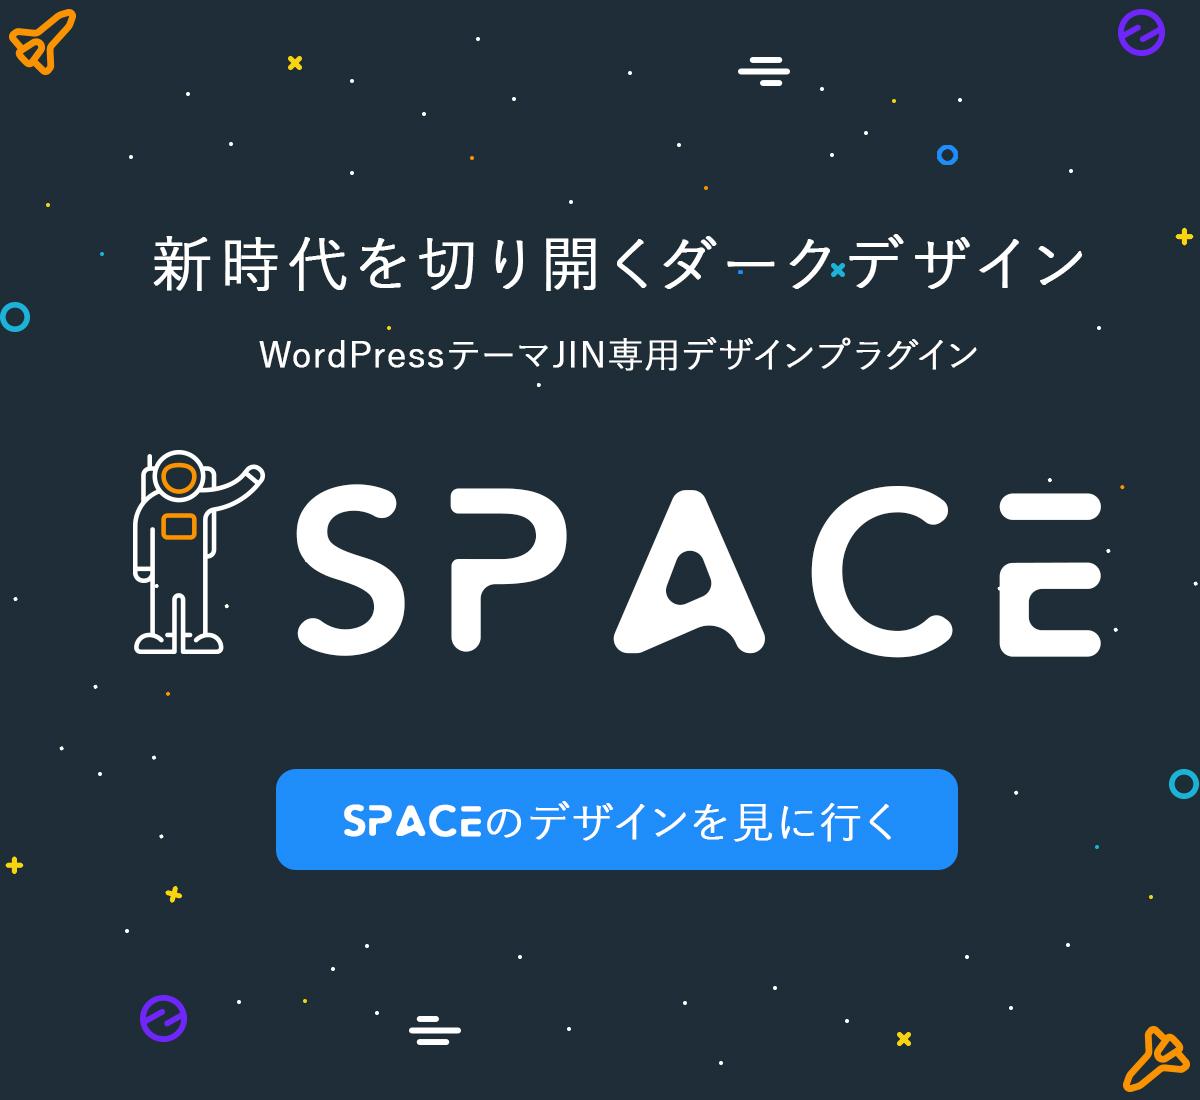 space_bannar